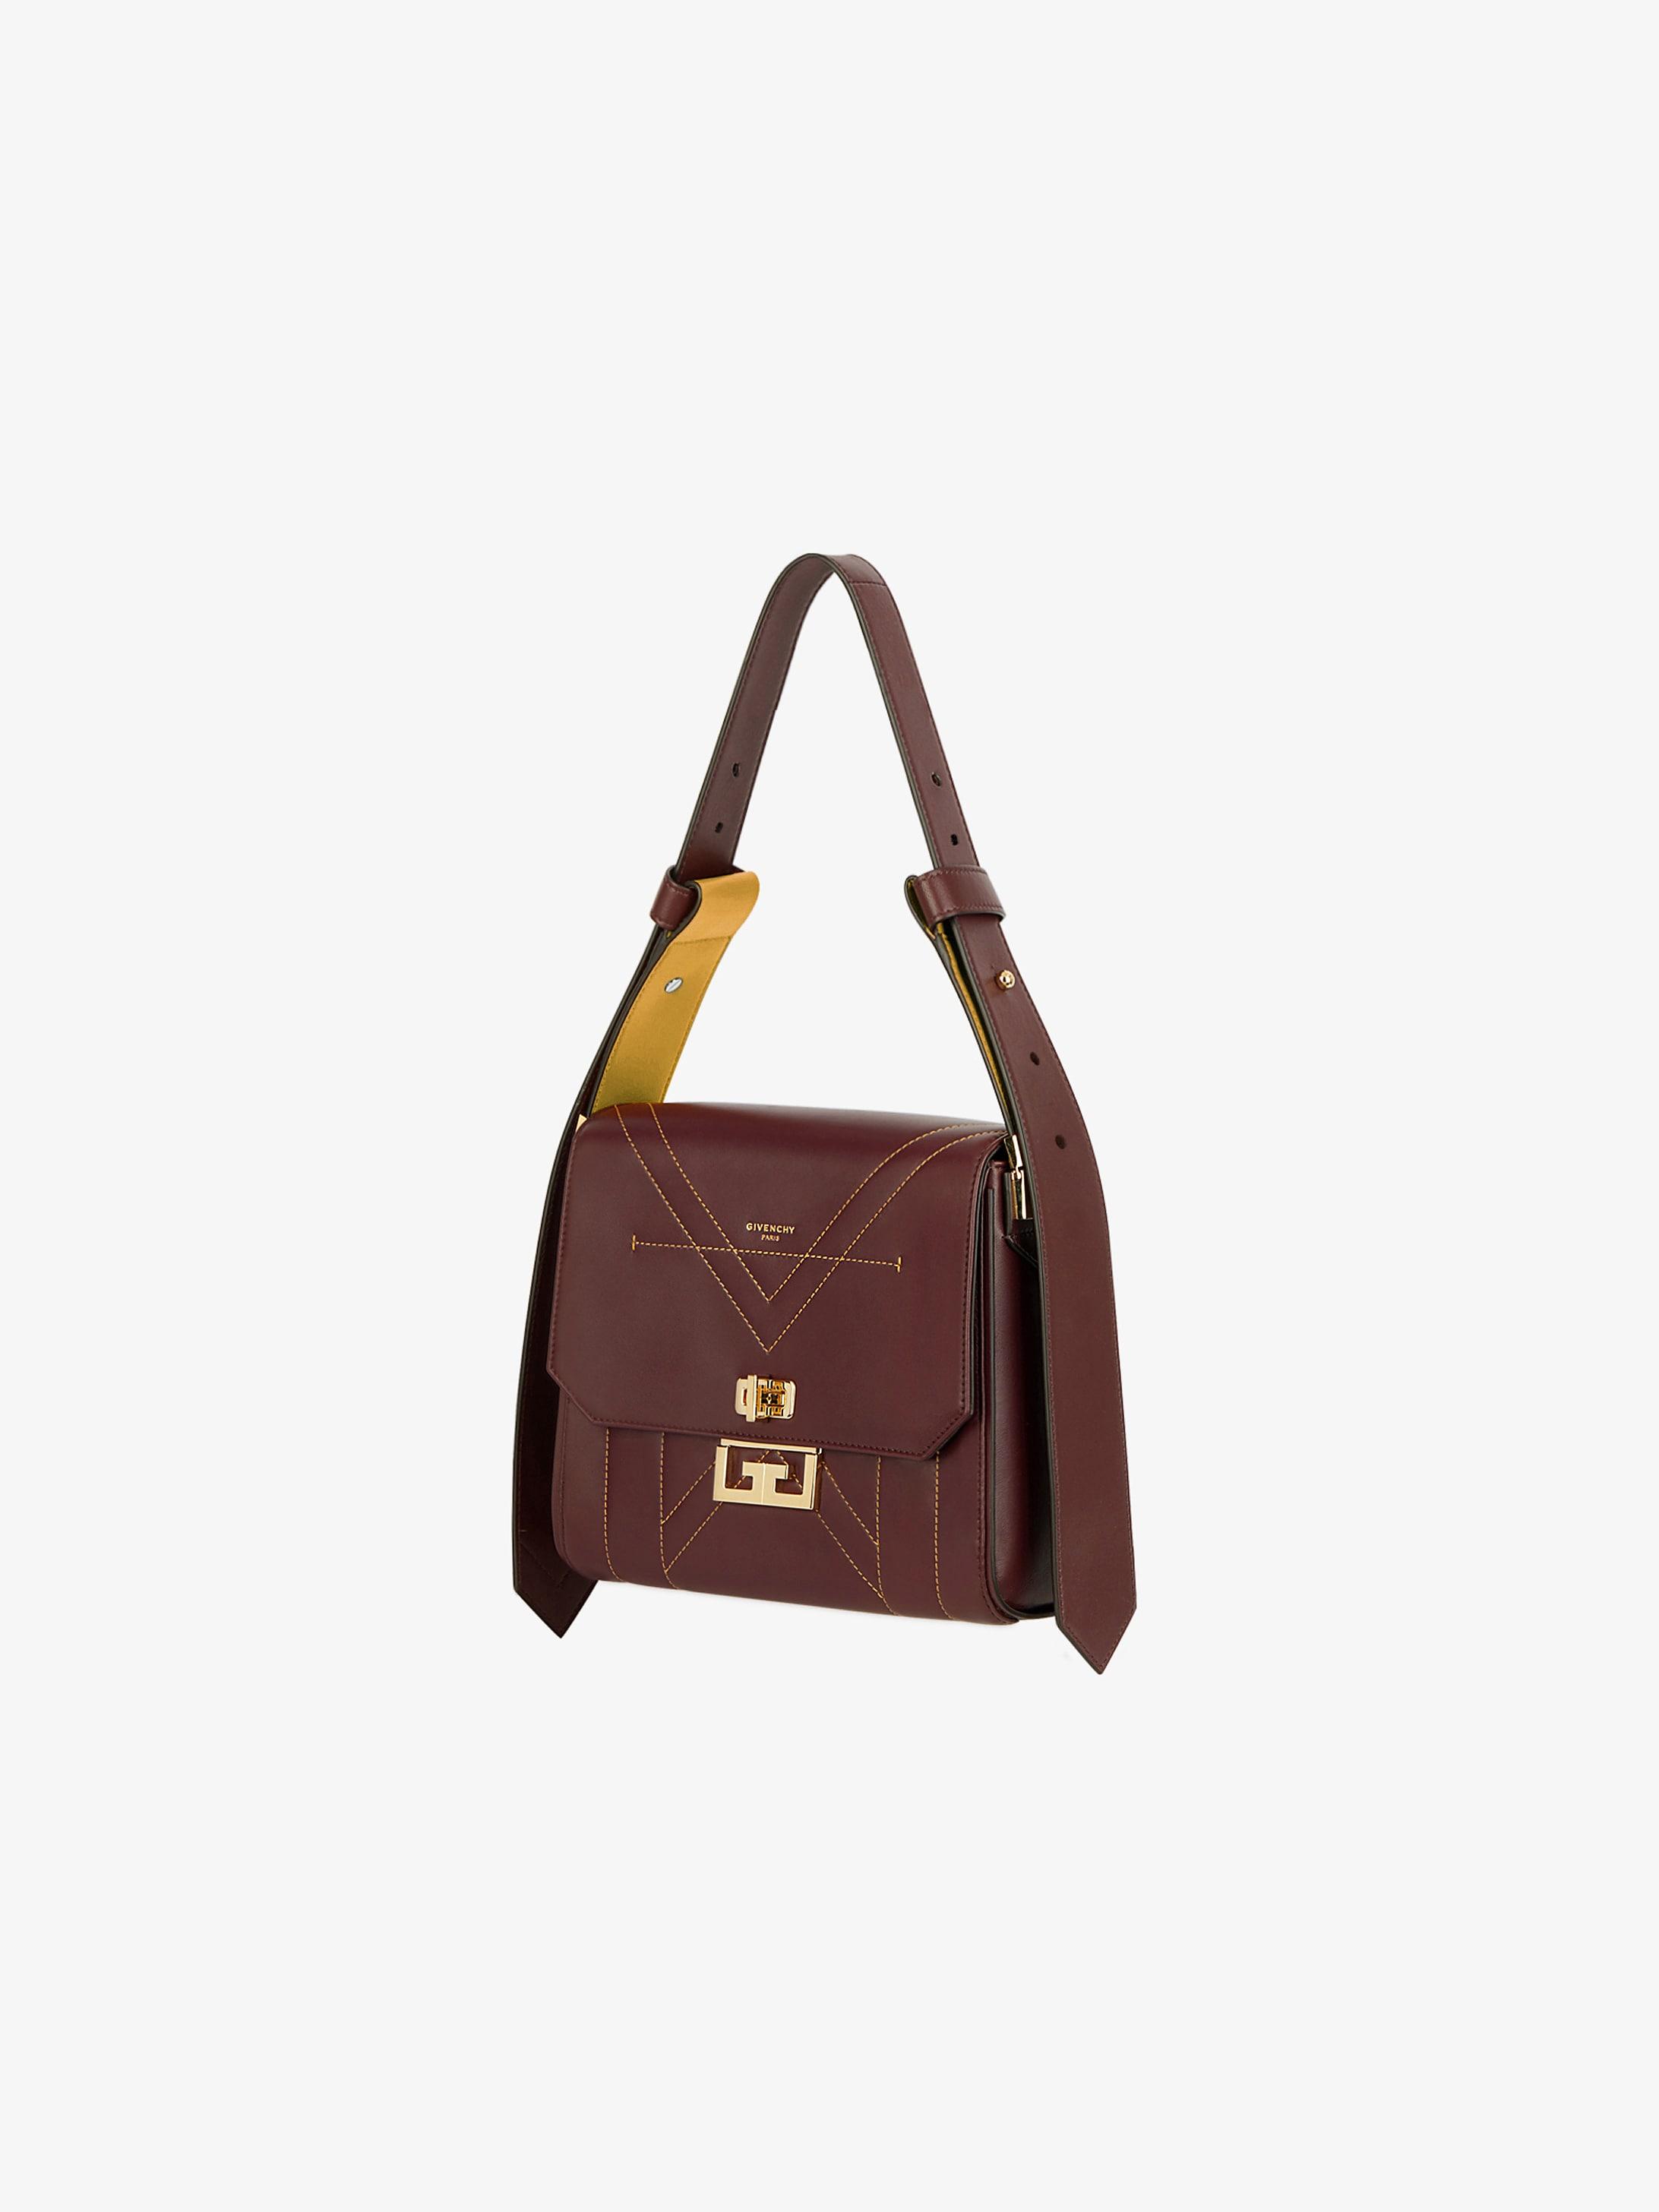 Medium Eden bag in contrasting leather